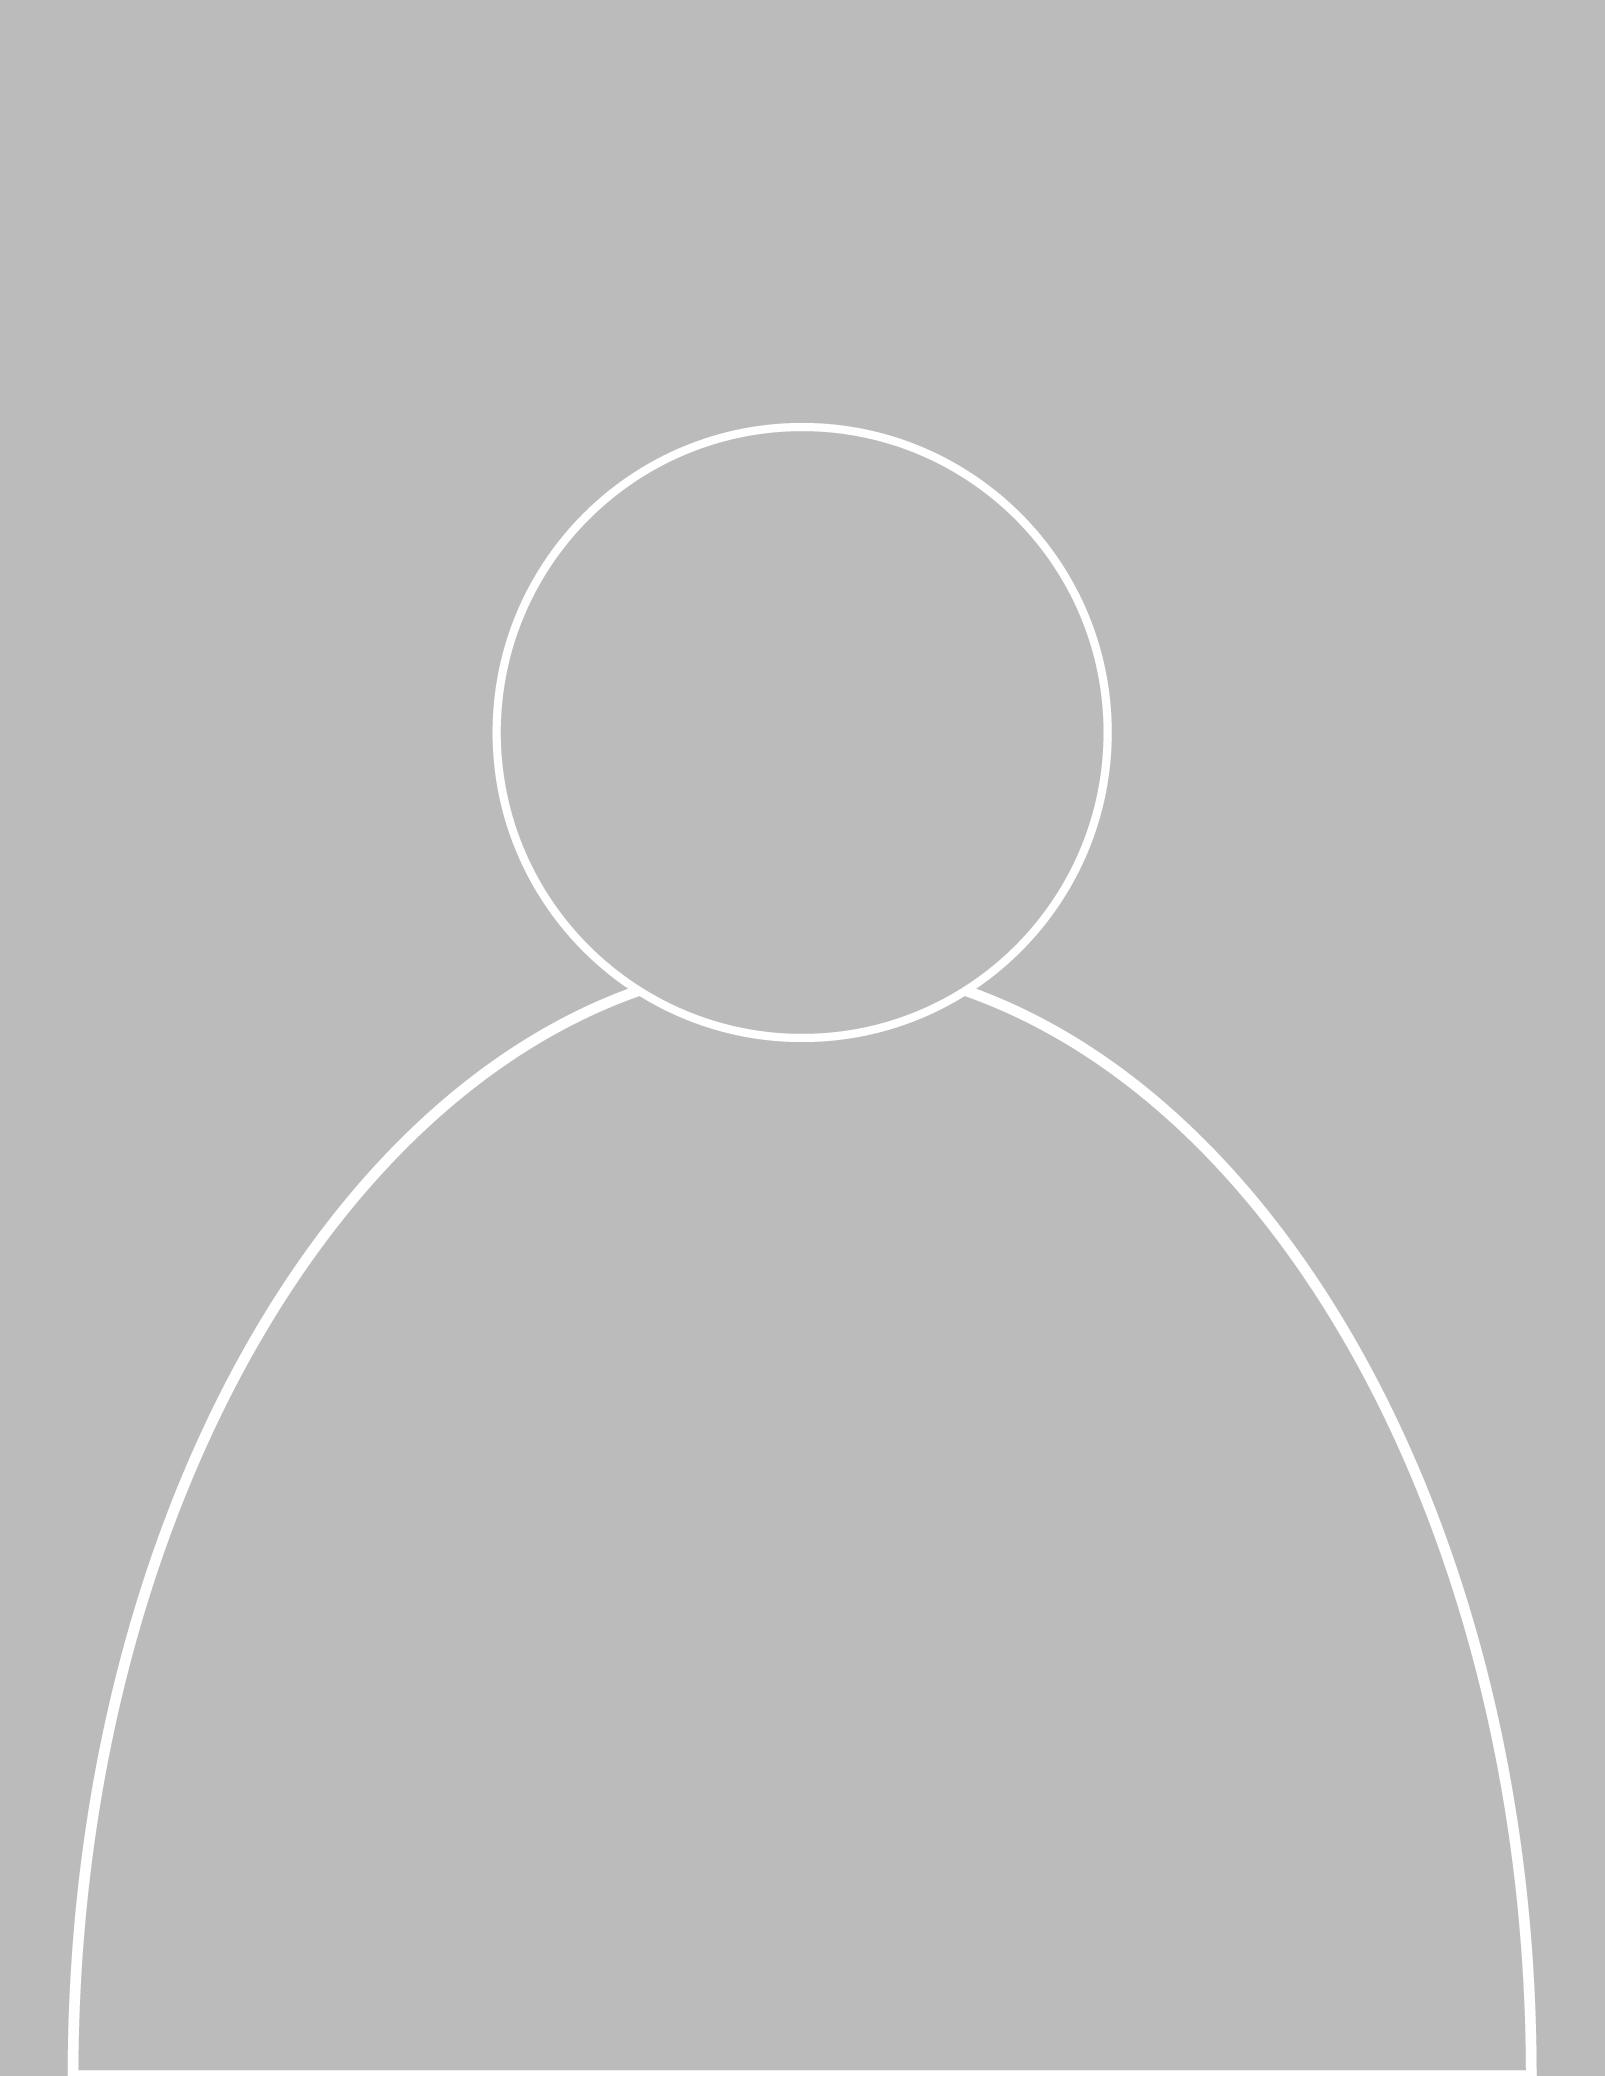 Platzhalter für Portraits